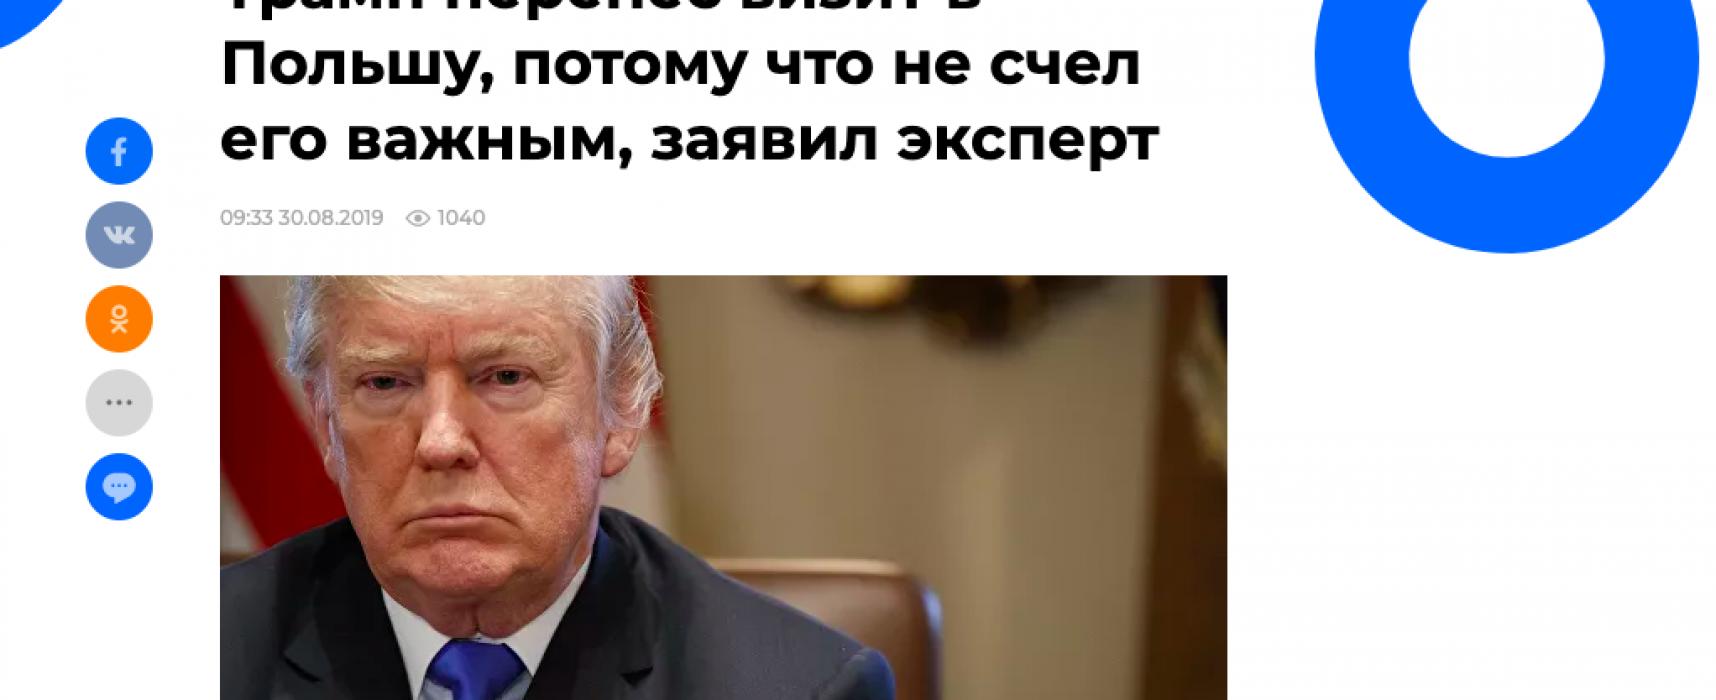 Фейк: Россию не пригласили на мероприятия к началу Второй мировой из-за русофобии